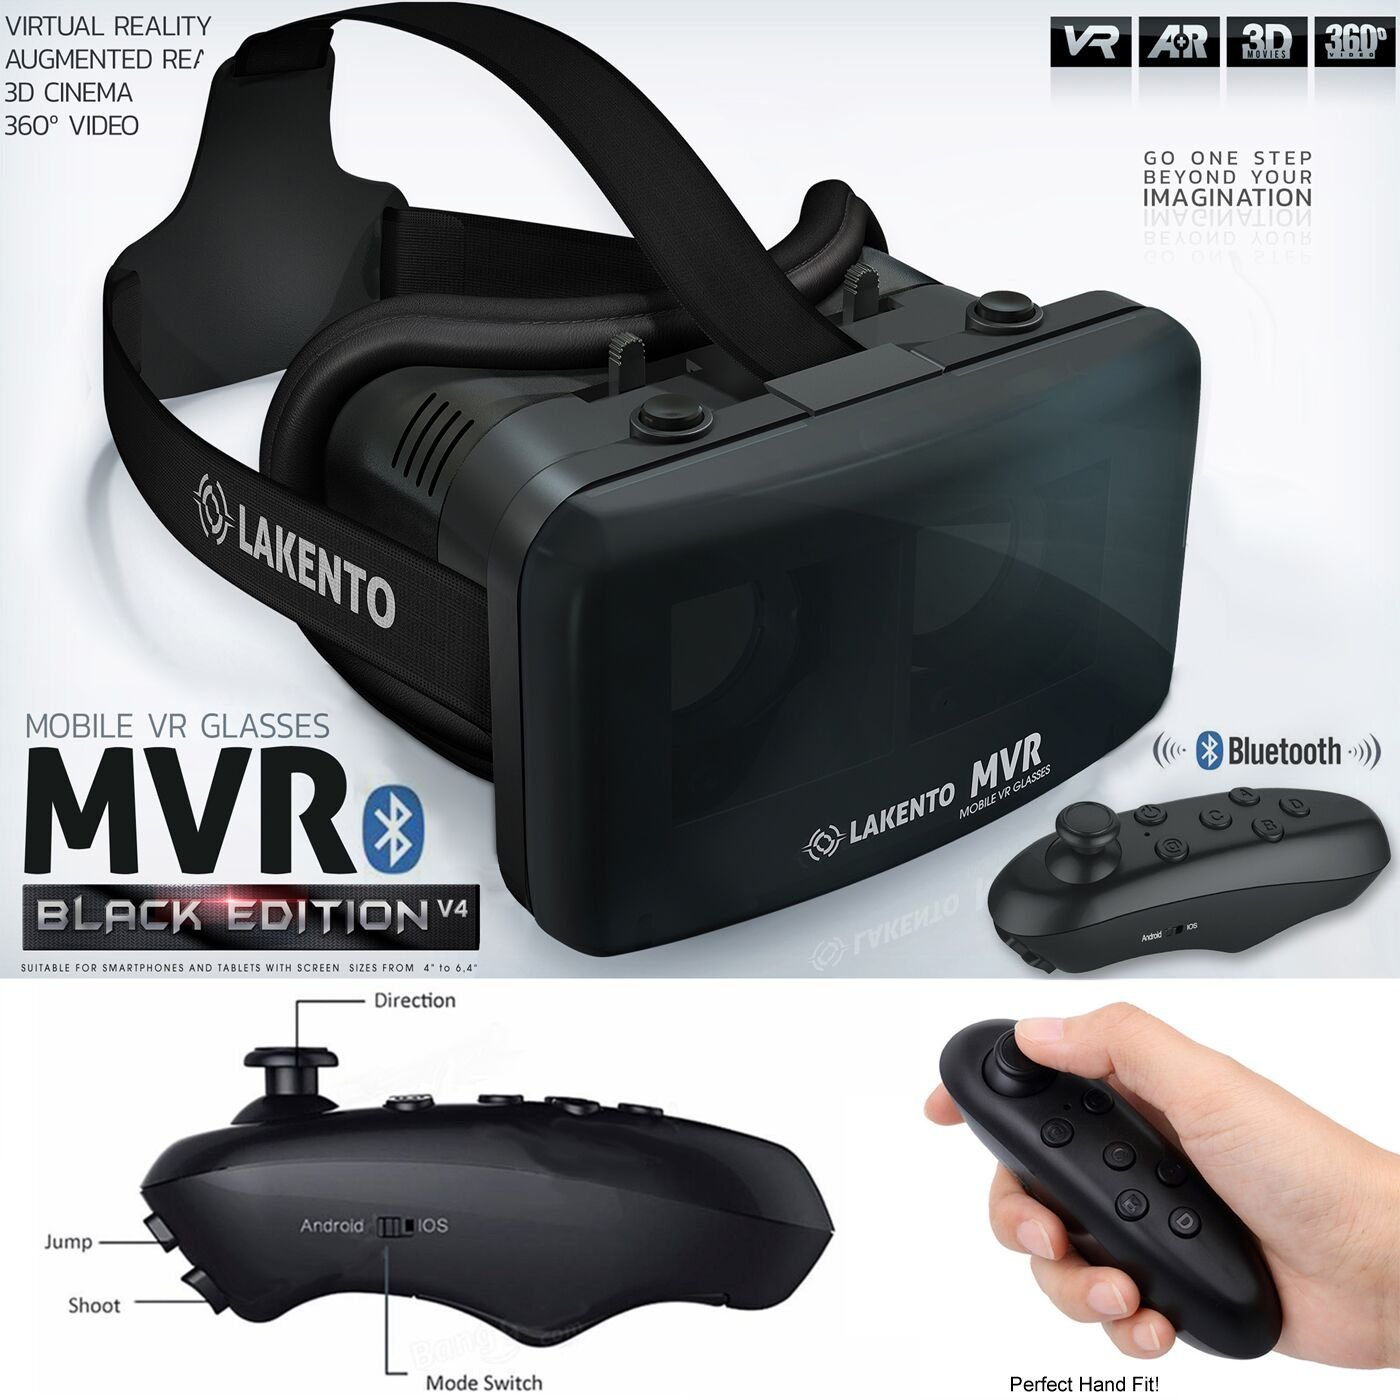 Gafas de realidad virtual LAKENTO MVR v4 + Mando bluetooth + 2 juegos. El mejor regalo! Gafas VR con mando para móviles Android e iOS y juegos gratis. Gafas 3D + Joystick Bluetooth + juegos incluidos